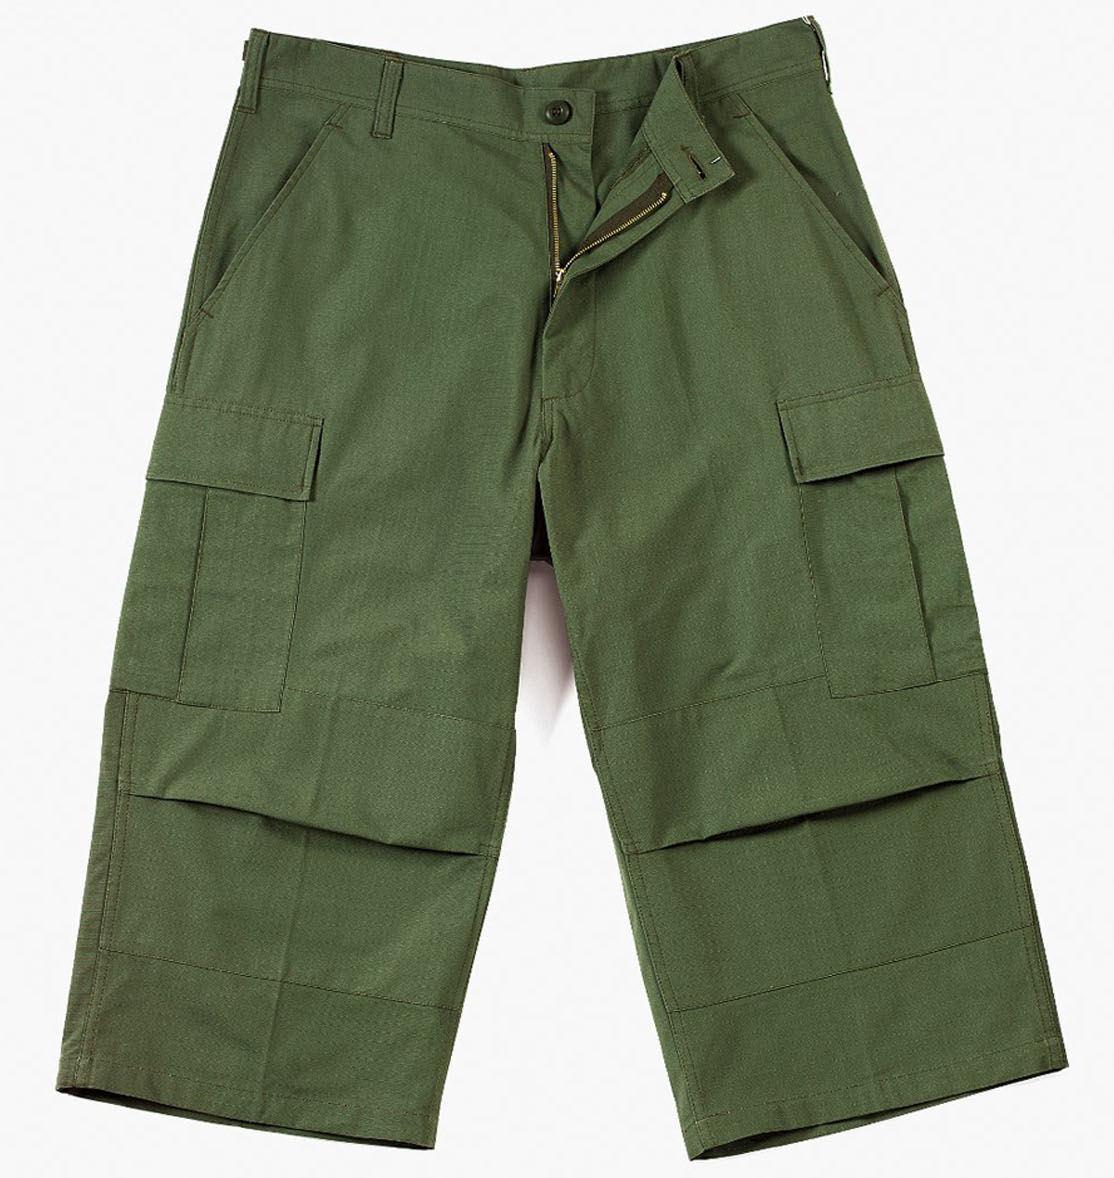 3/4 pantalon pour hommes ROTHCO - CAPRI - OLIVE DRAB - 8356